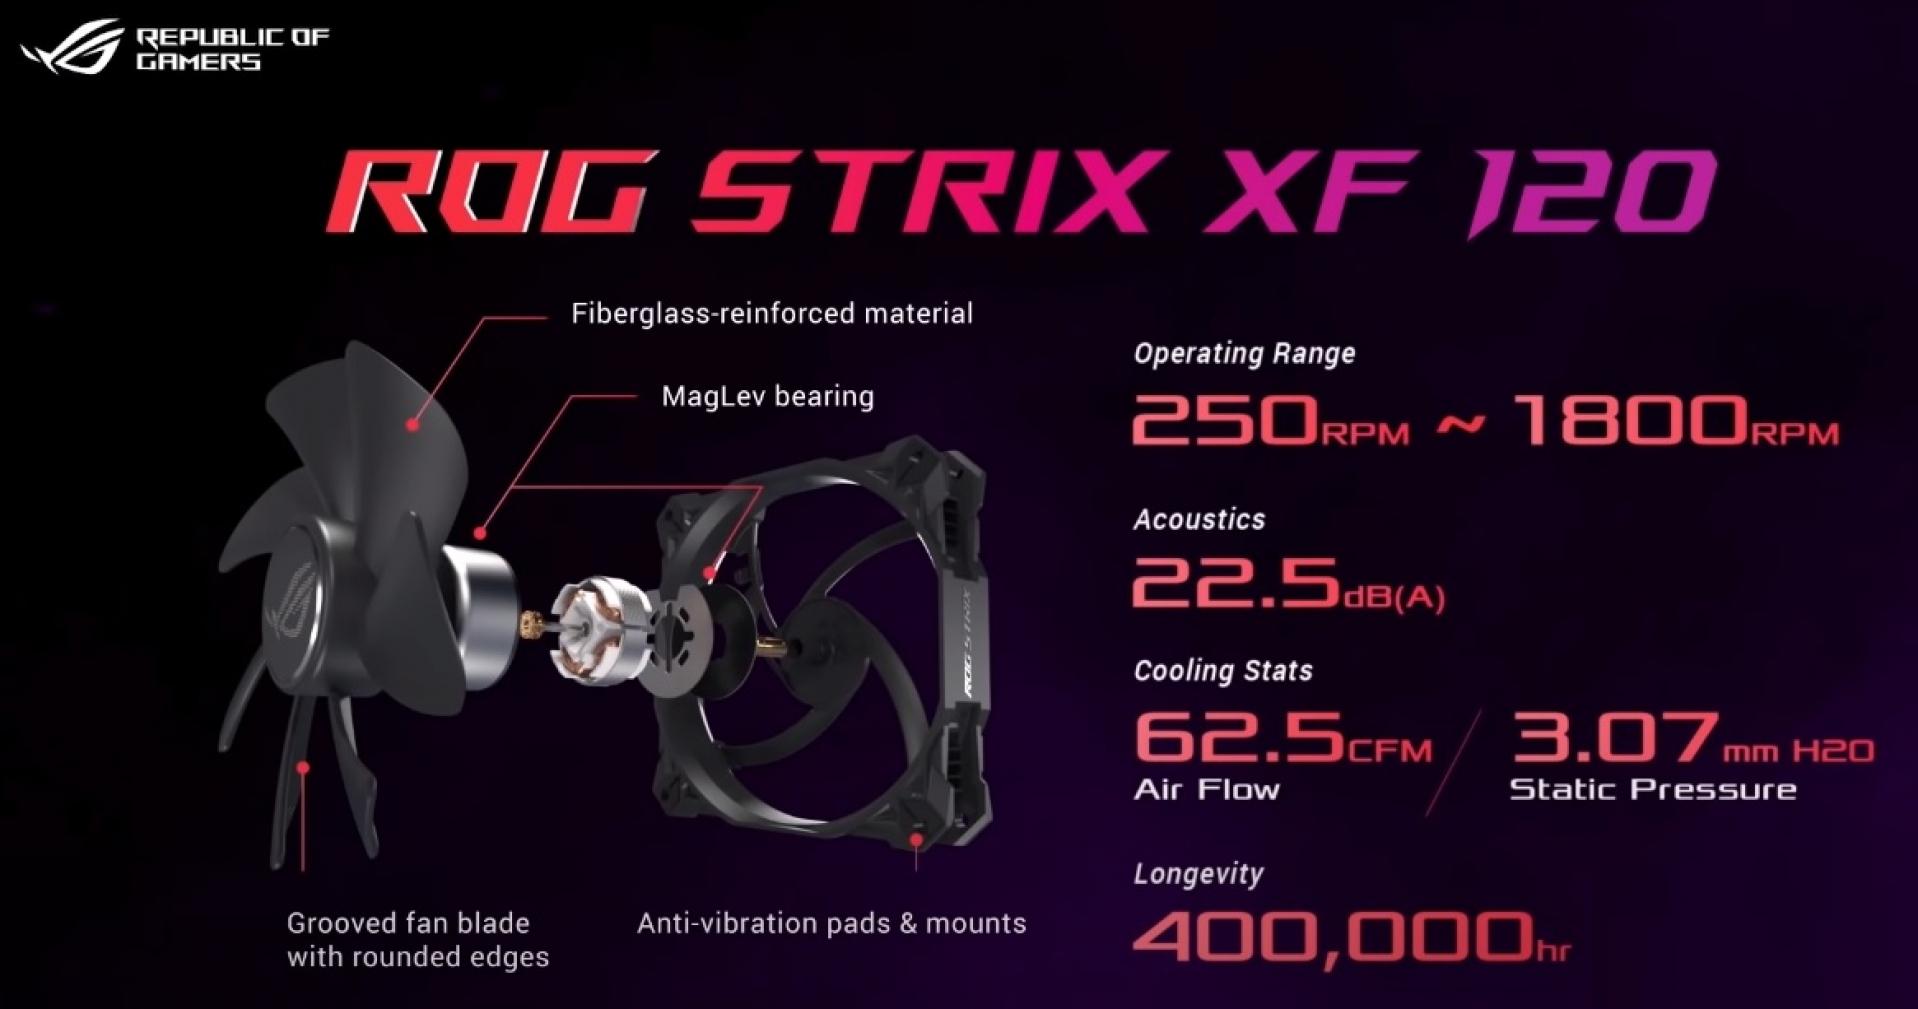 شركة ASUS تطلق مروحة ROG Strix XF 120 فائقة الهدوء الجديدة للاعبين